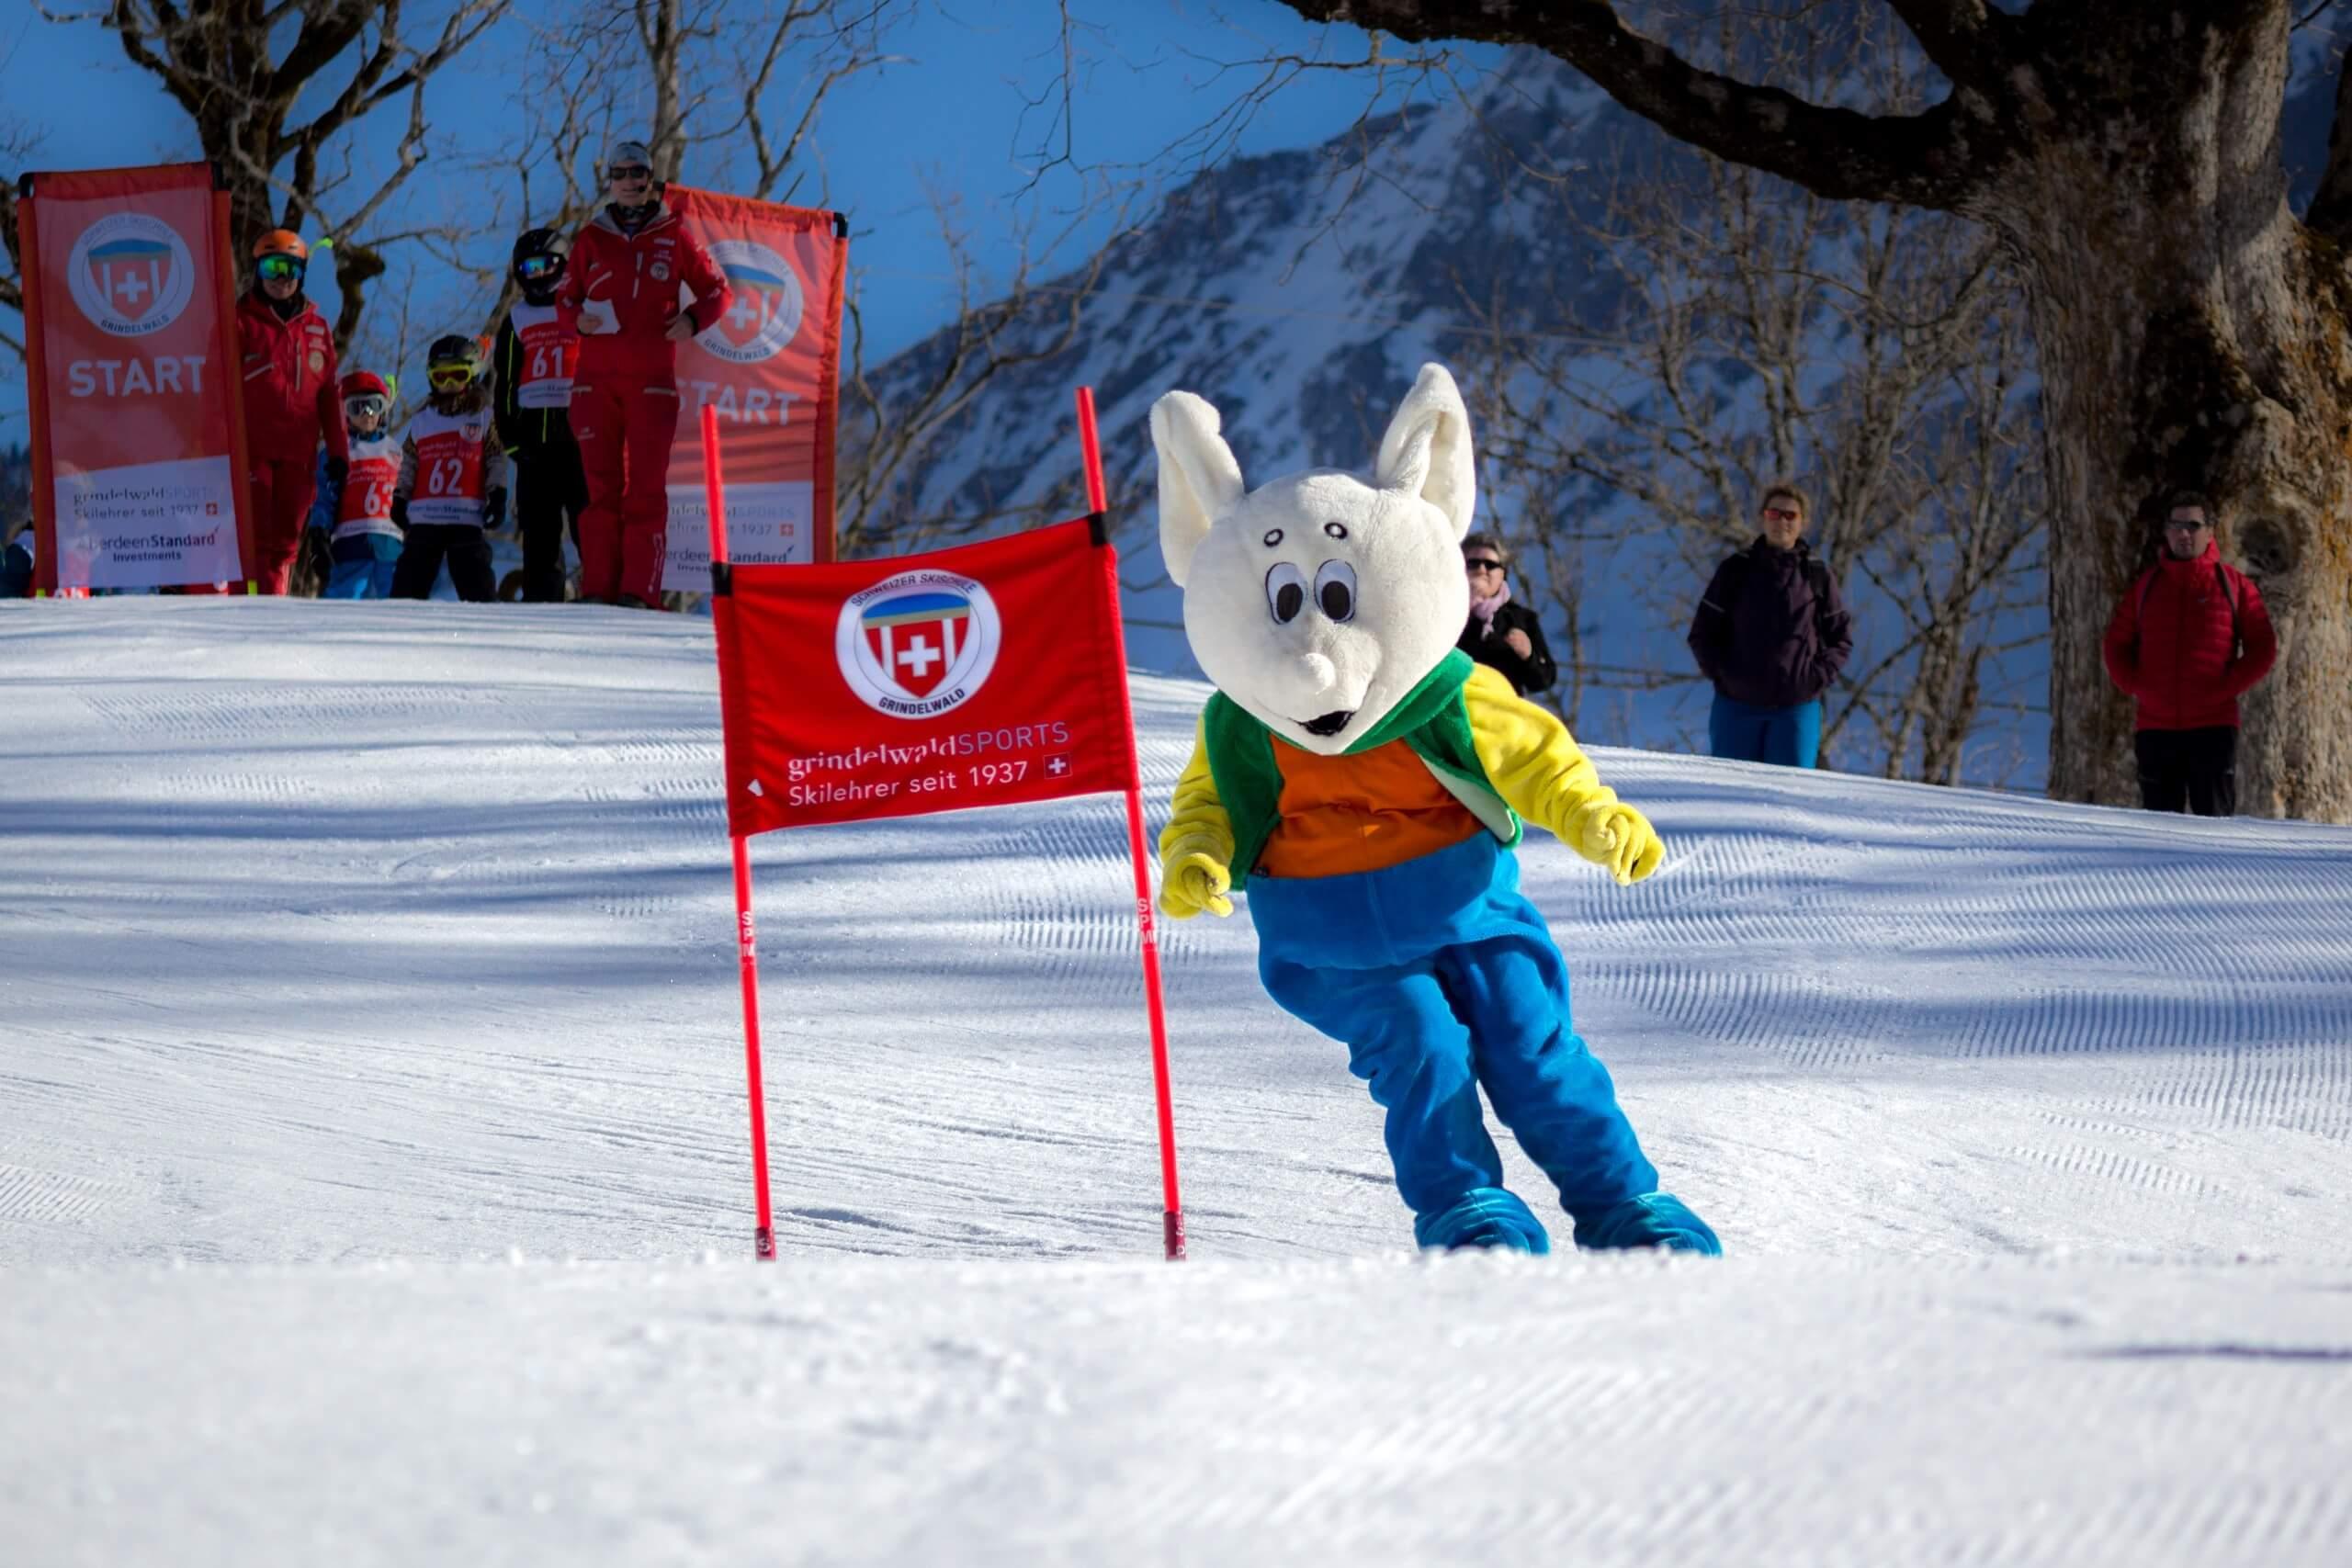 grindelwald-skischule-winter-abfahrt